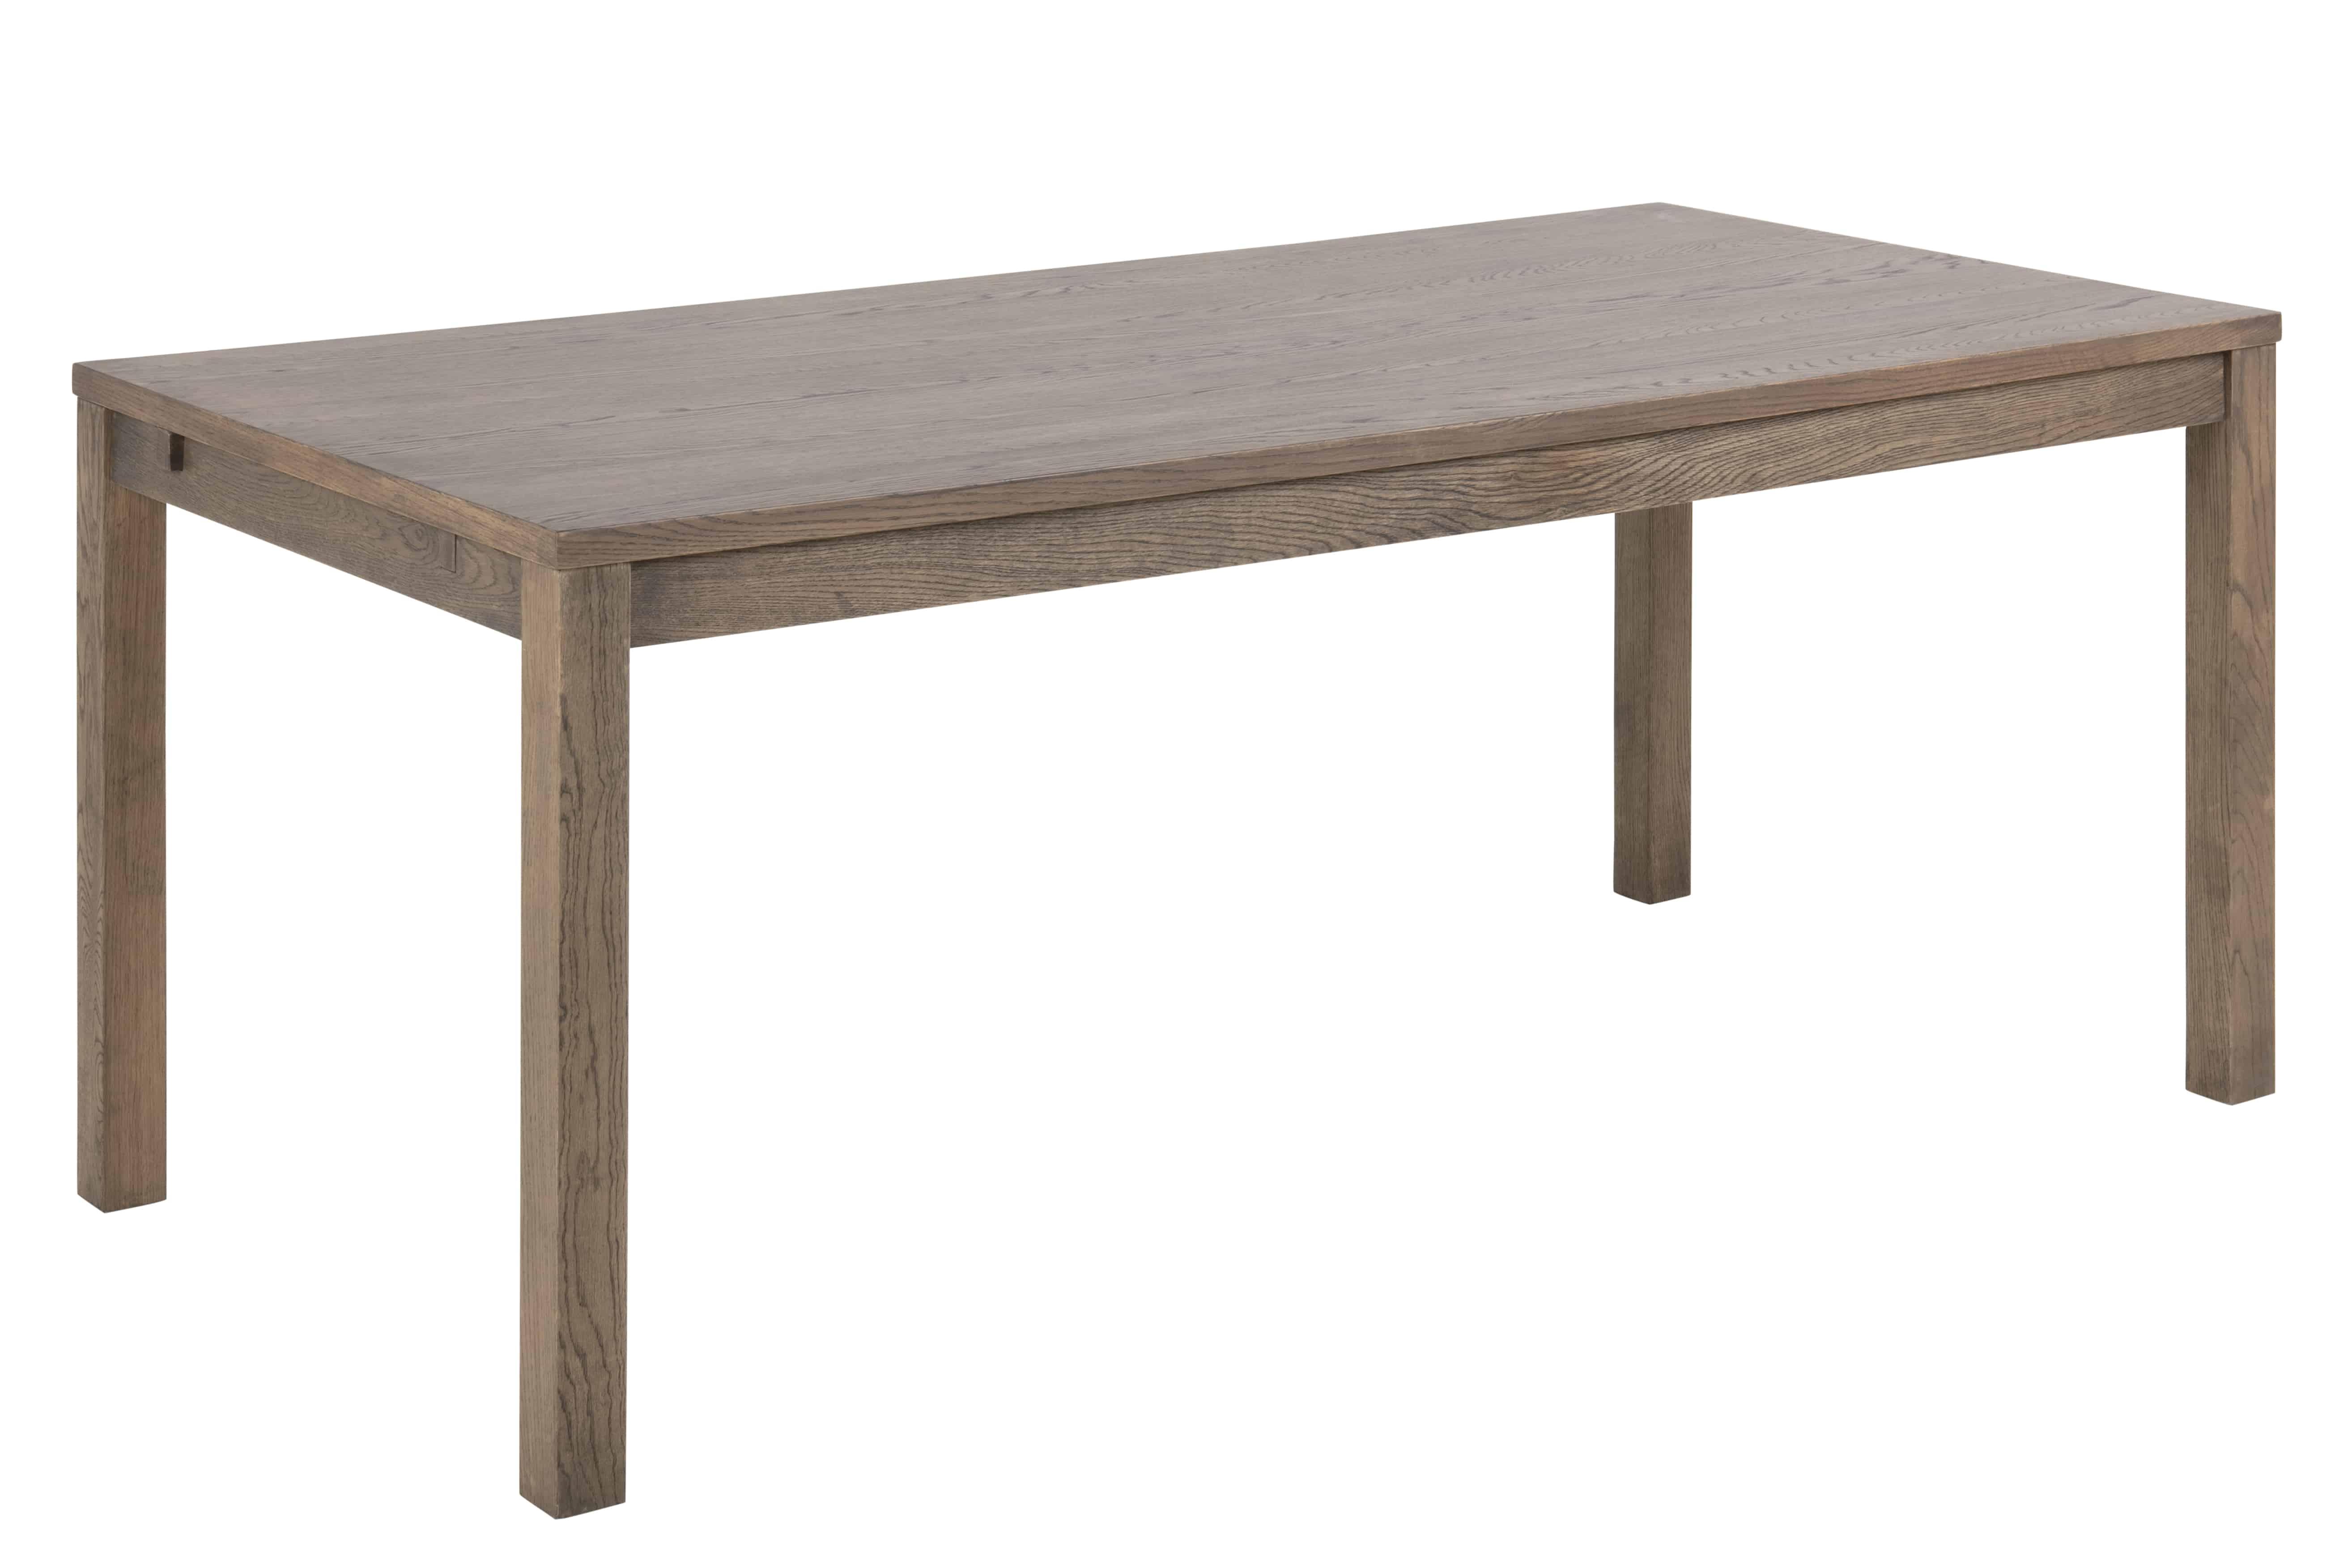 Brentwood spisebord - natur egetræsfinér, m. udtræk (180x90)